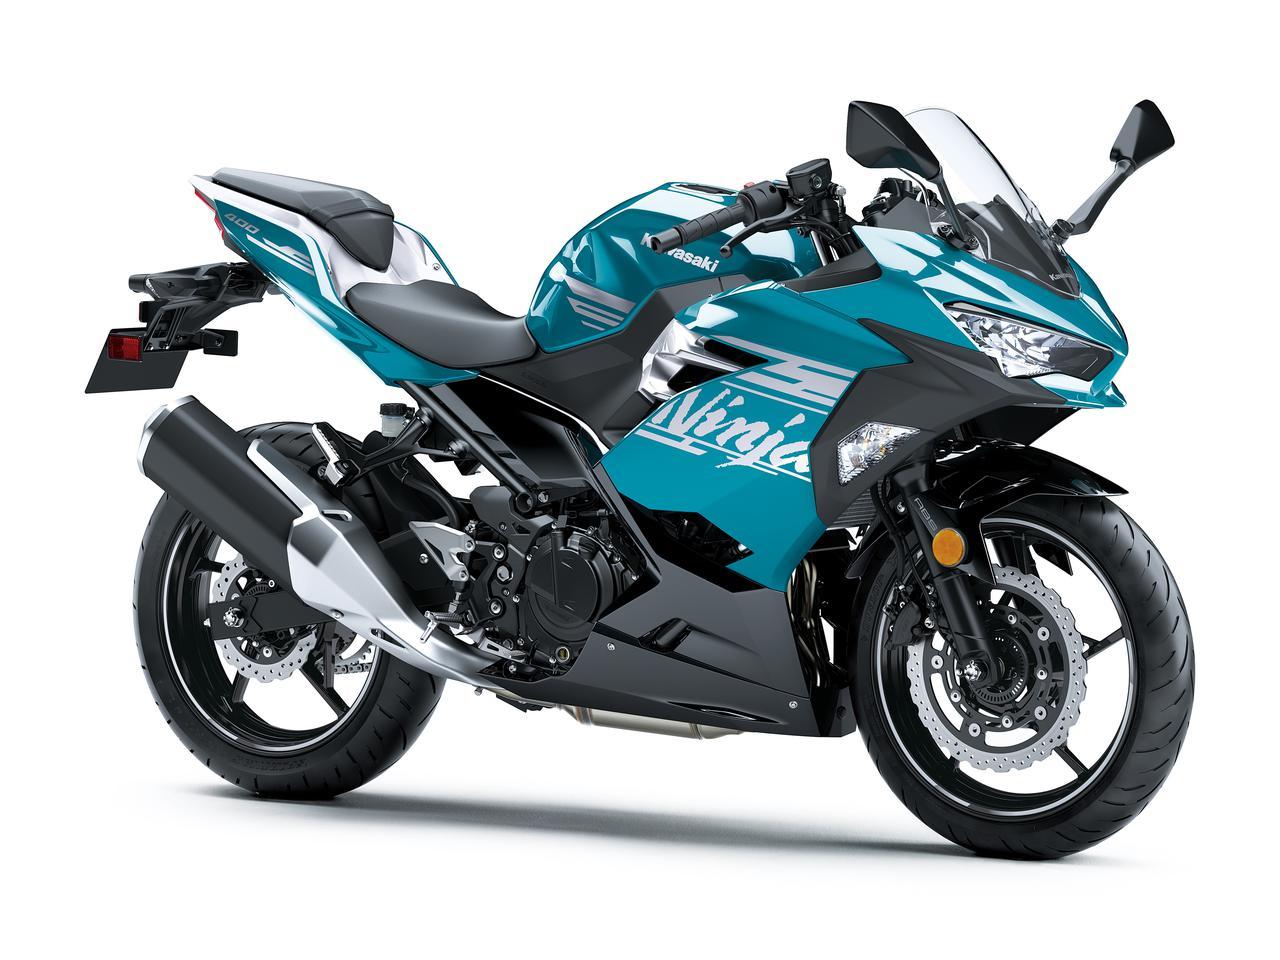 Images : 8番目の画像 - カワサキ「Ninja 400」シリーズ(2021年モデル)の写真をもっと見る! - webオートバイ